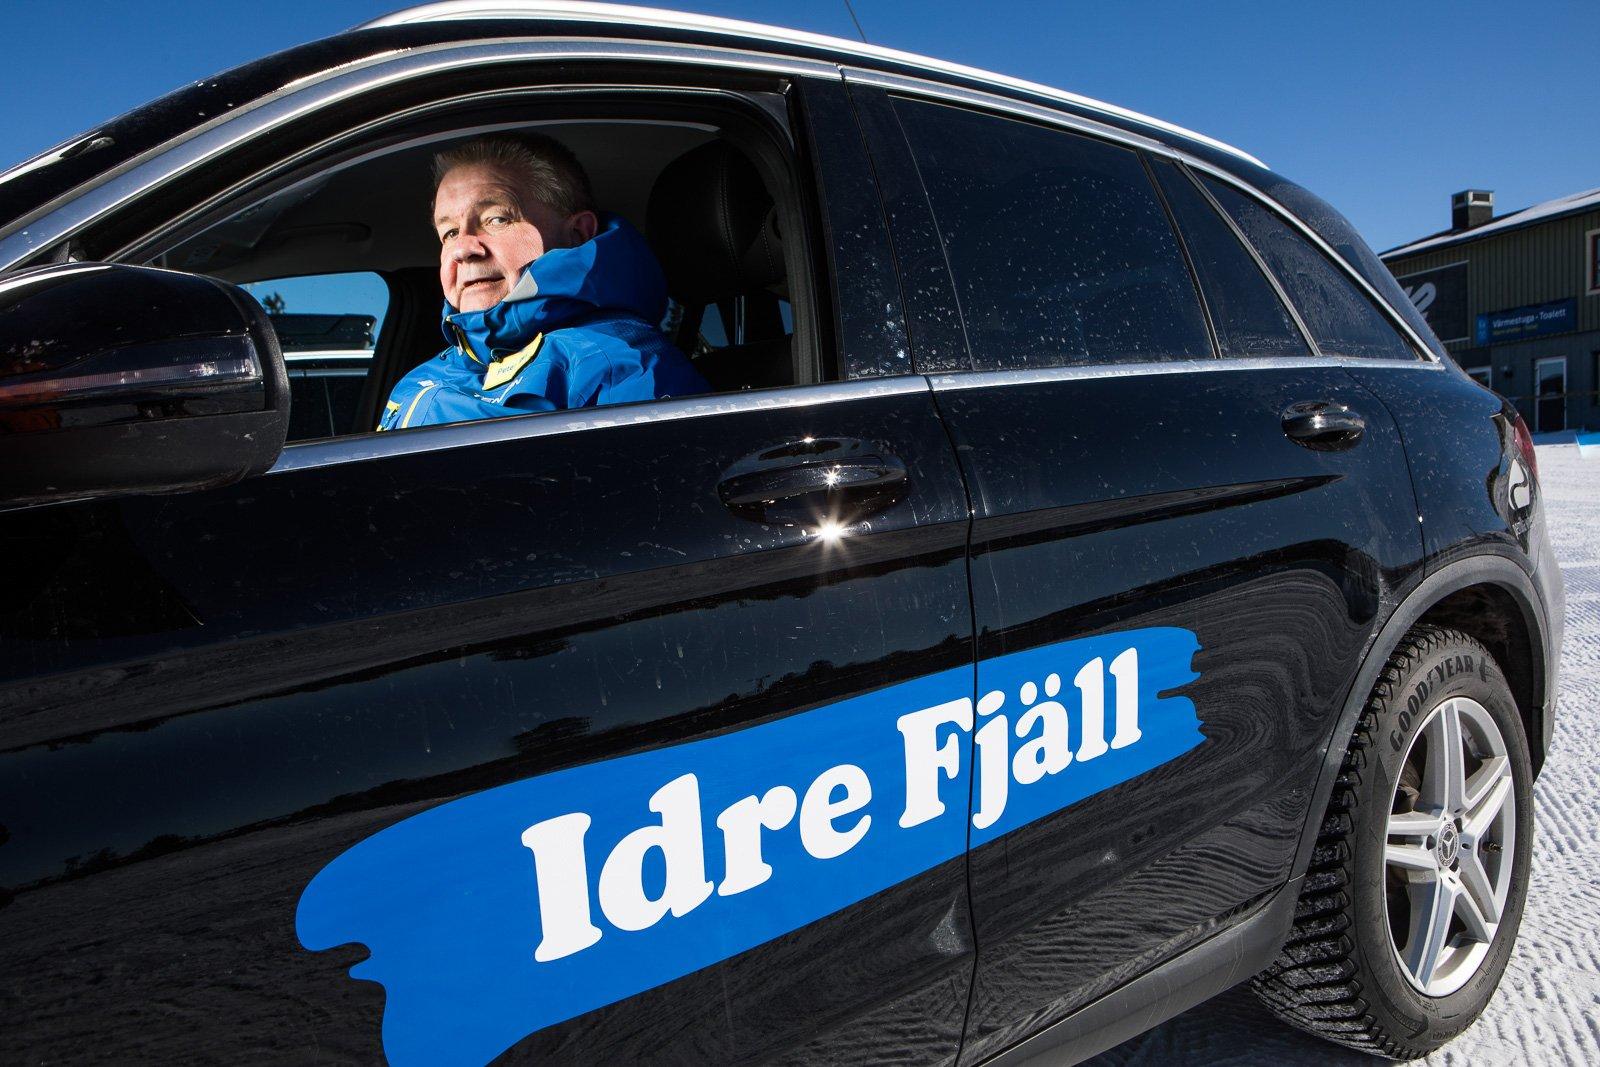 Peter Rex, försäljningschef på Idre Fjäll, i sin Mercedes GLC.